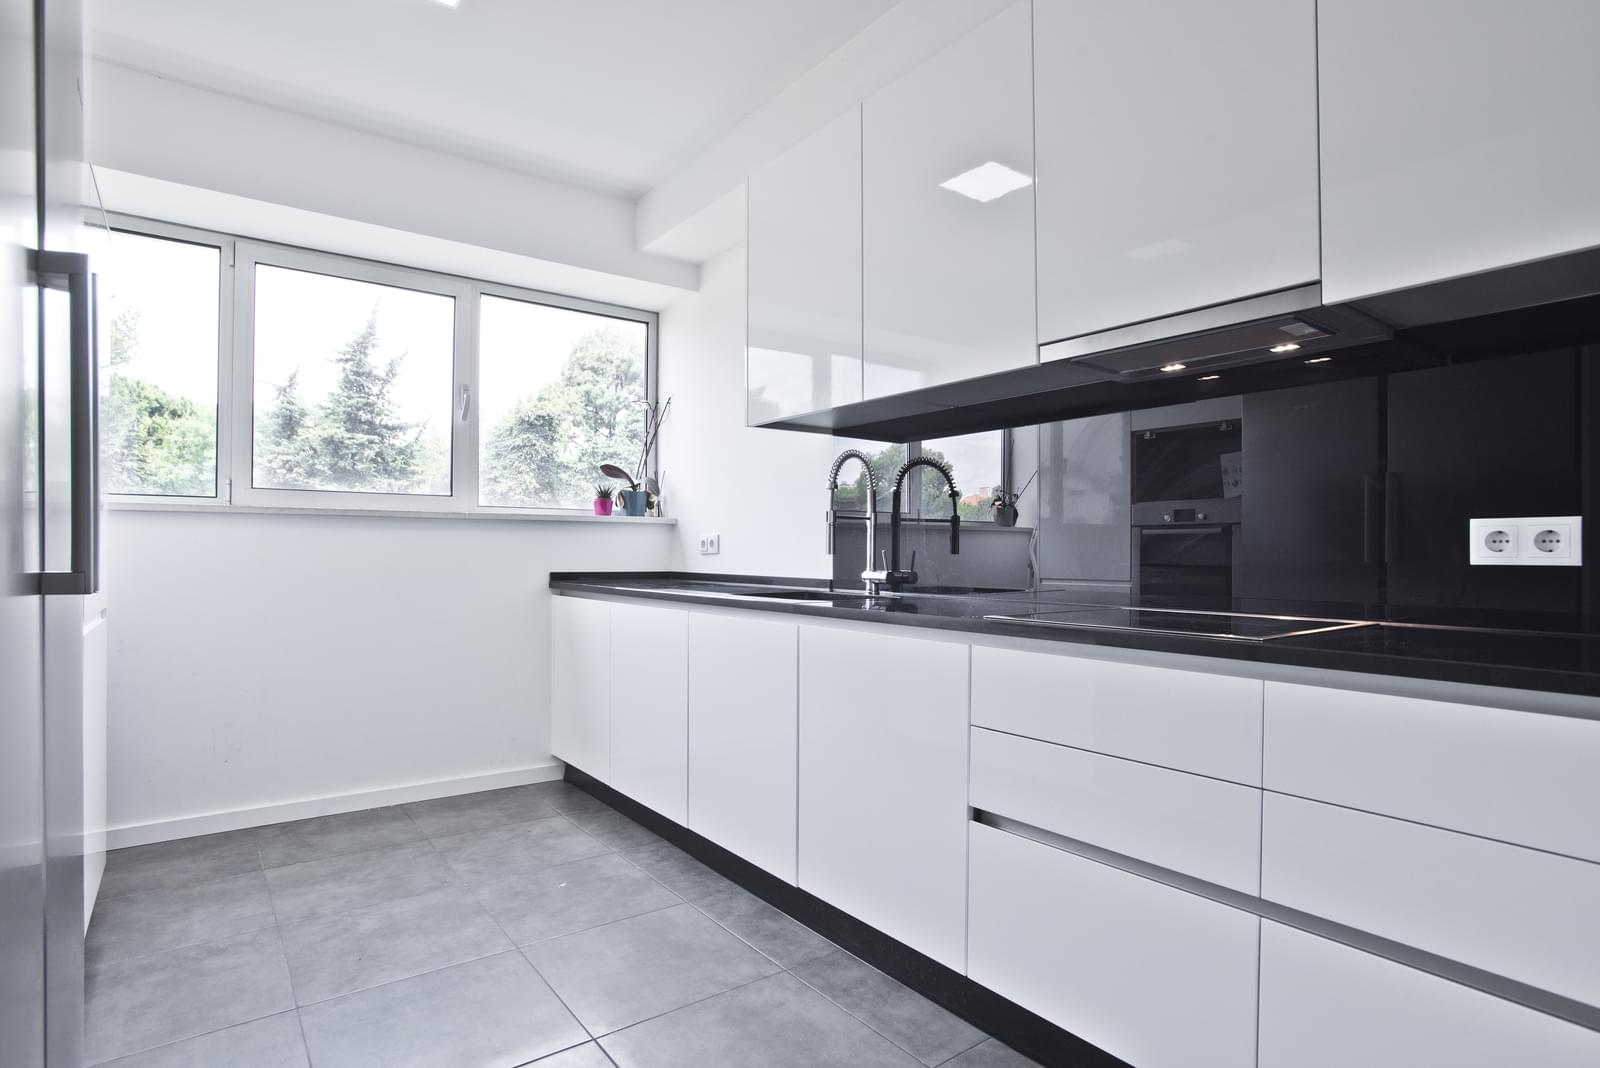 pf13975-apartamento-t4-oeiras-1d641f82-cae1-4761-9d72-6e5e27e4b3f4